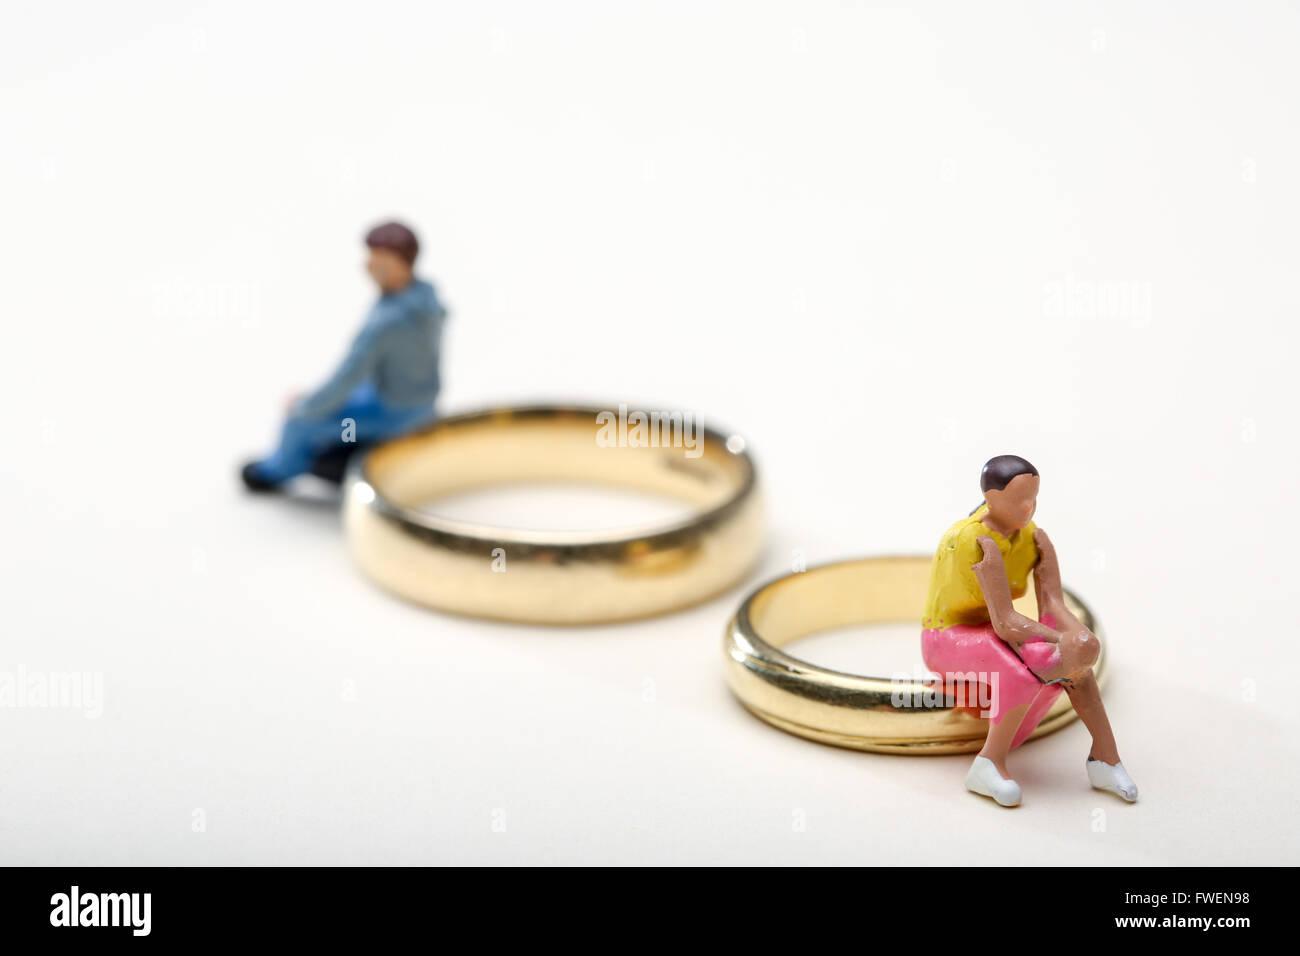 Konzept-Bild von ein paar saß auf Trauringe um Scheidung und Trennung zu illustrieren Stockbild